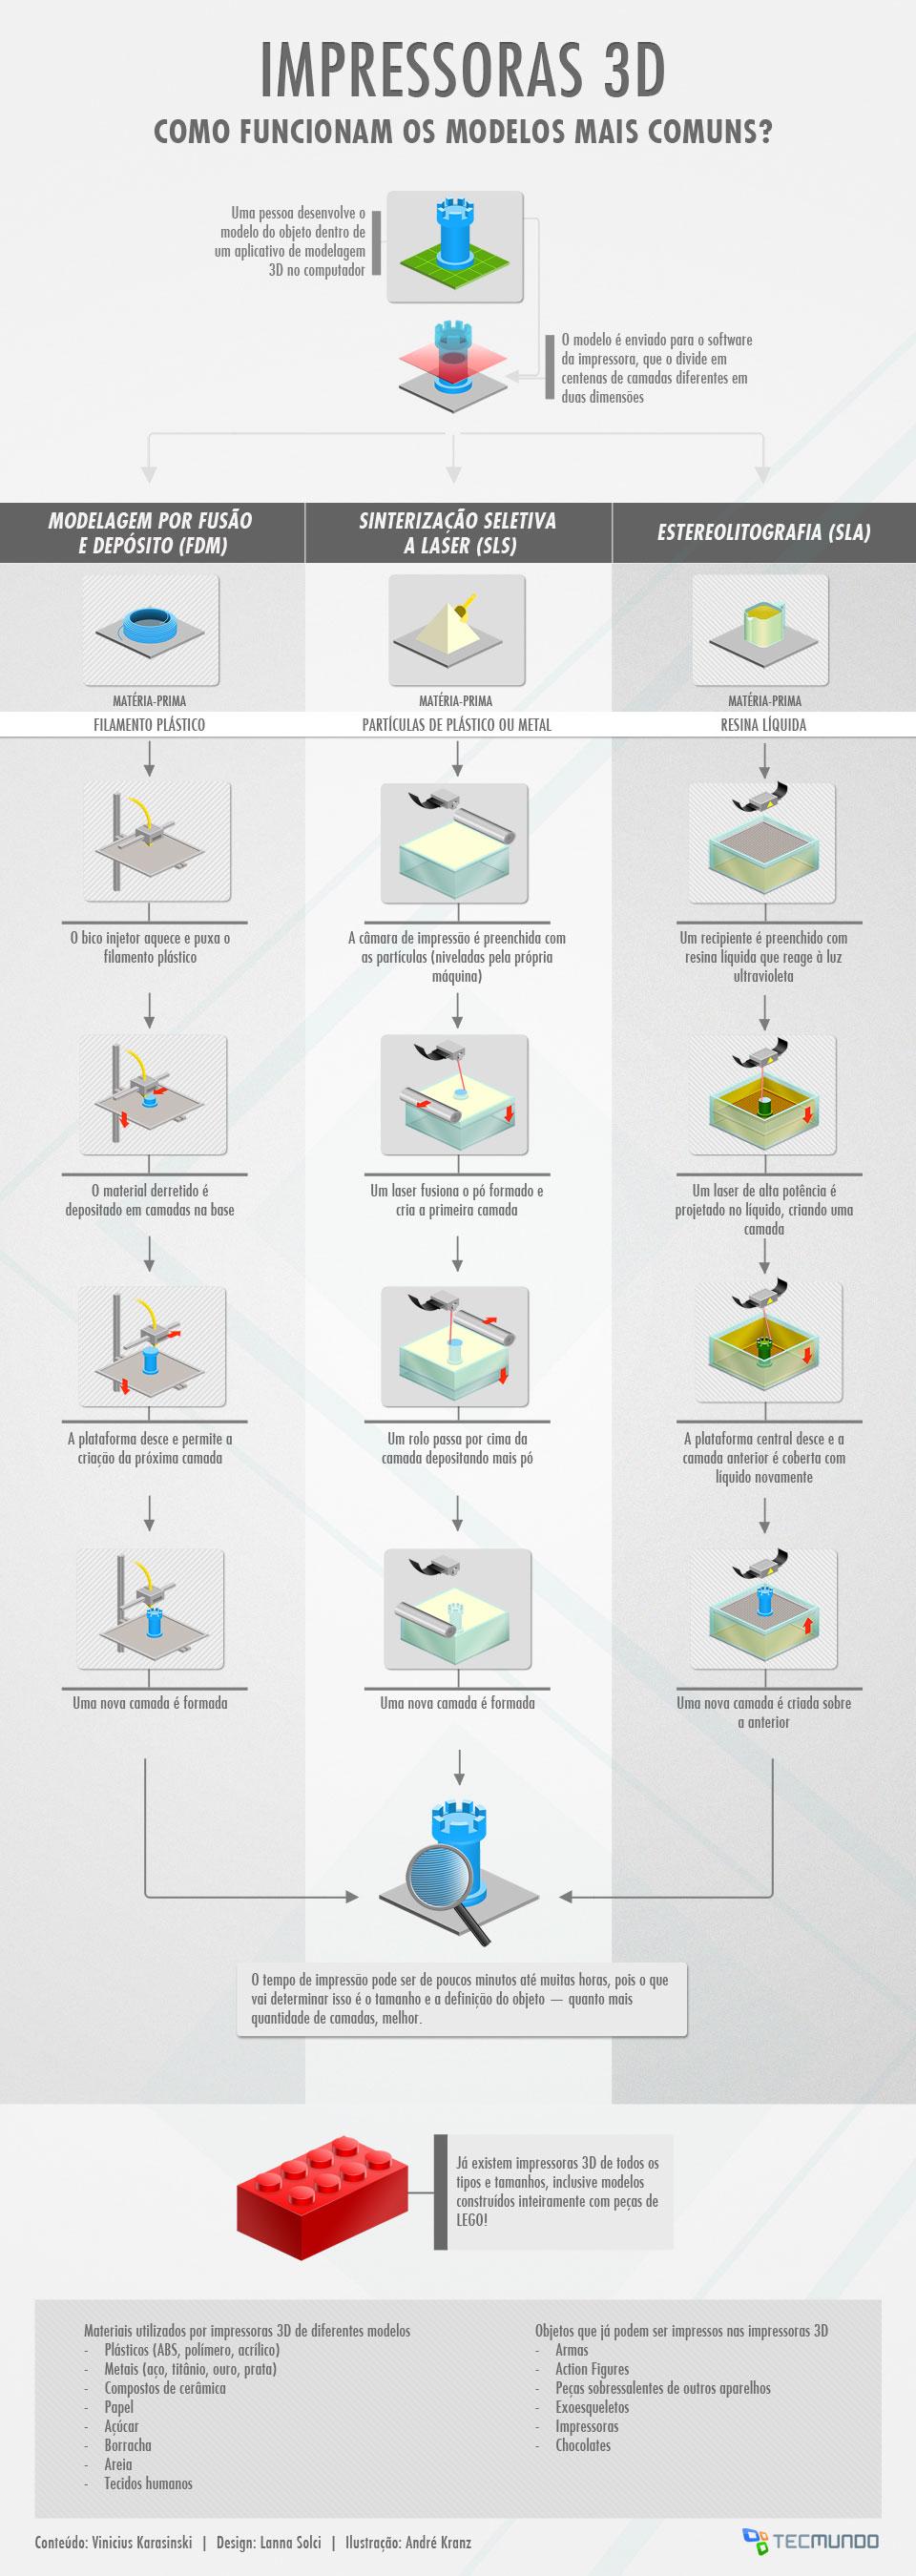 Como funciona uma impressora 3D? [ilustração]